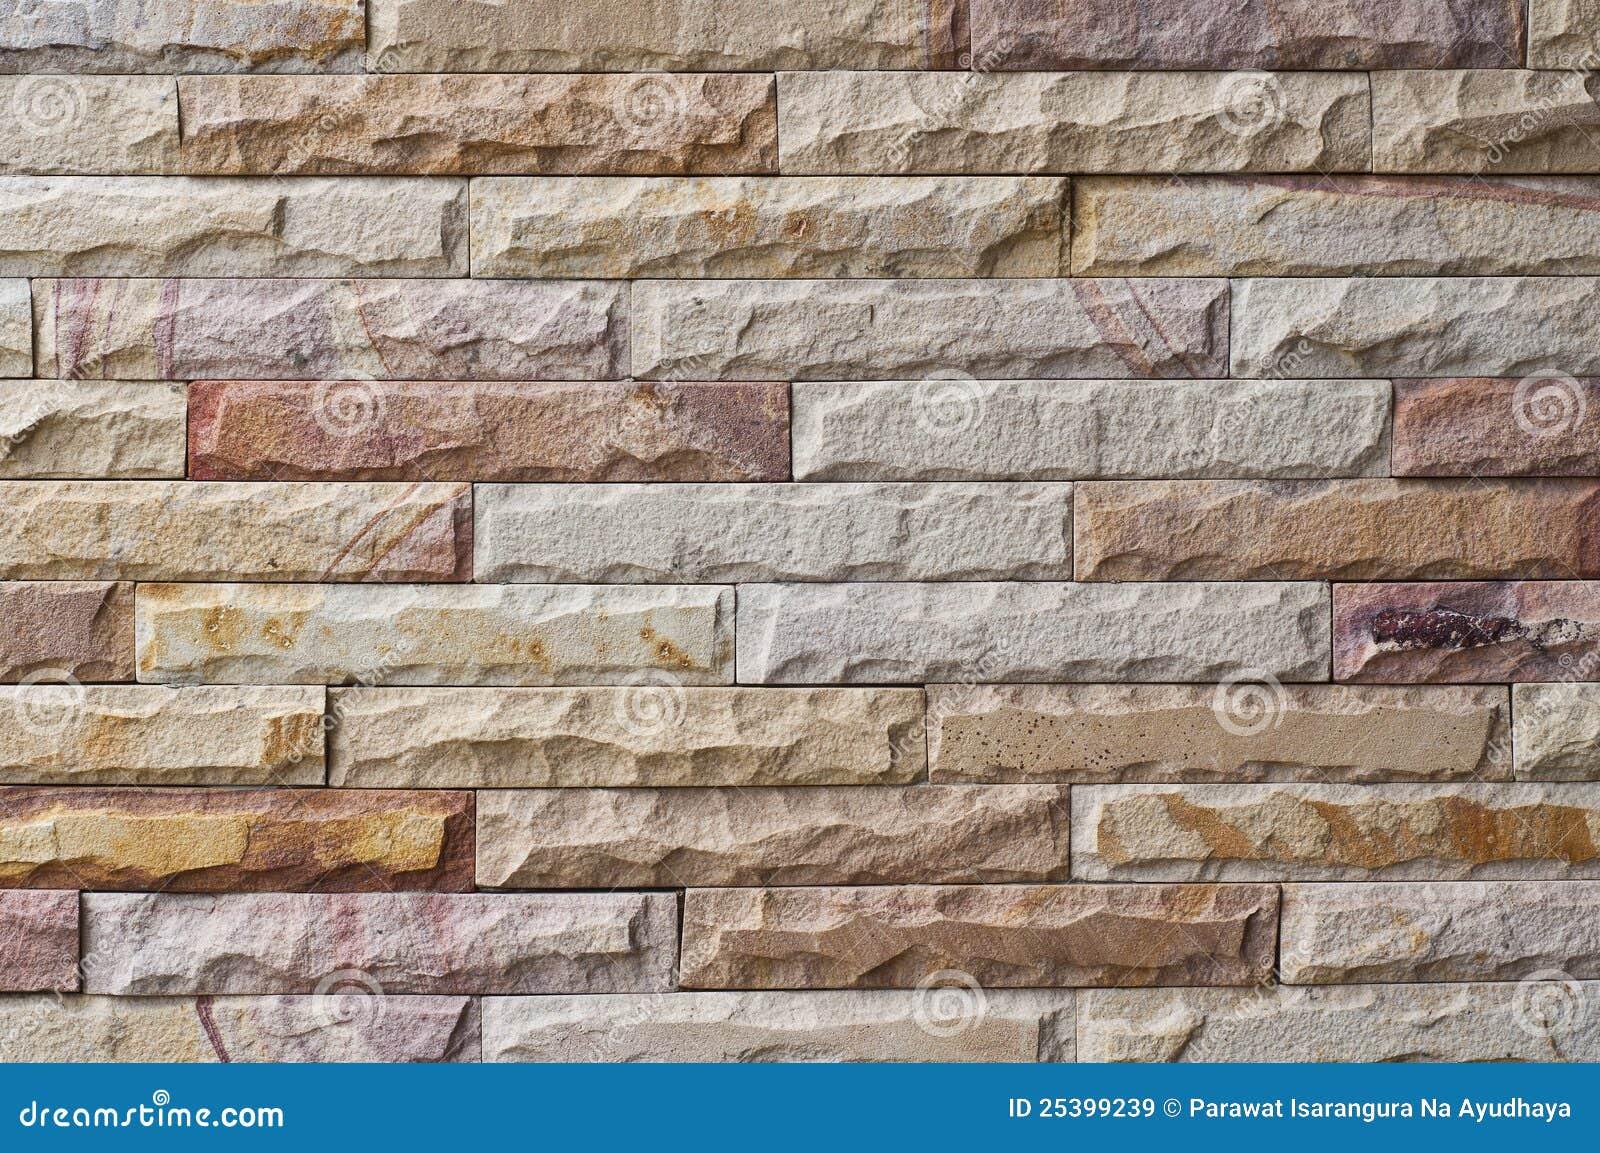 Pannelli finta pietra leroy merlin for Mattoni e pietra americani